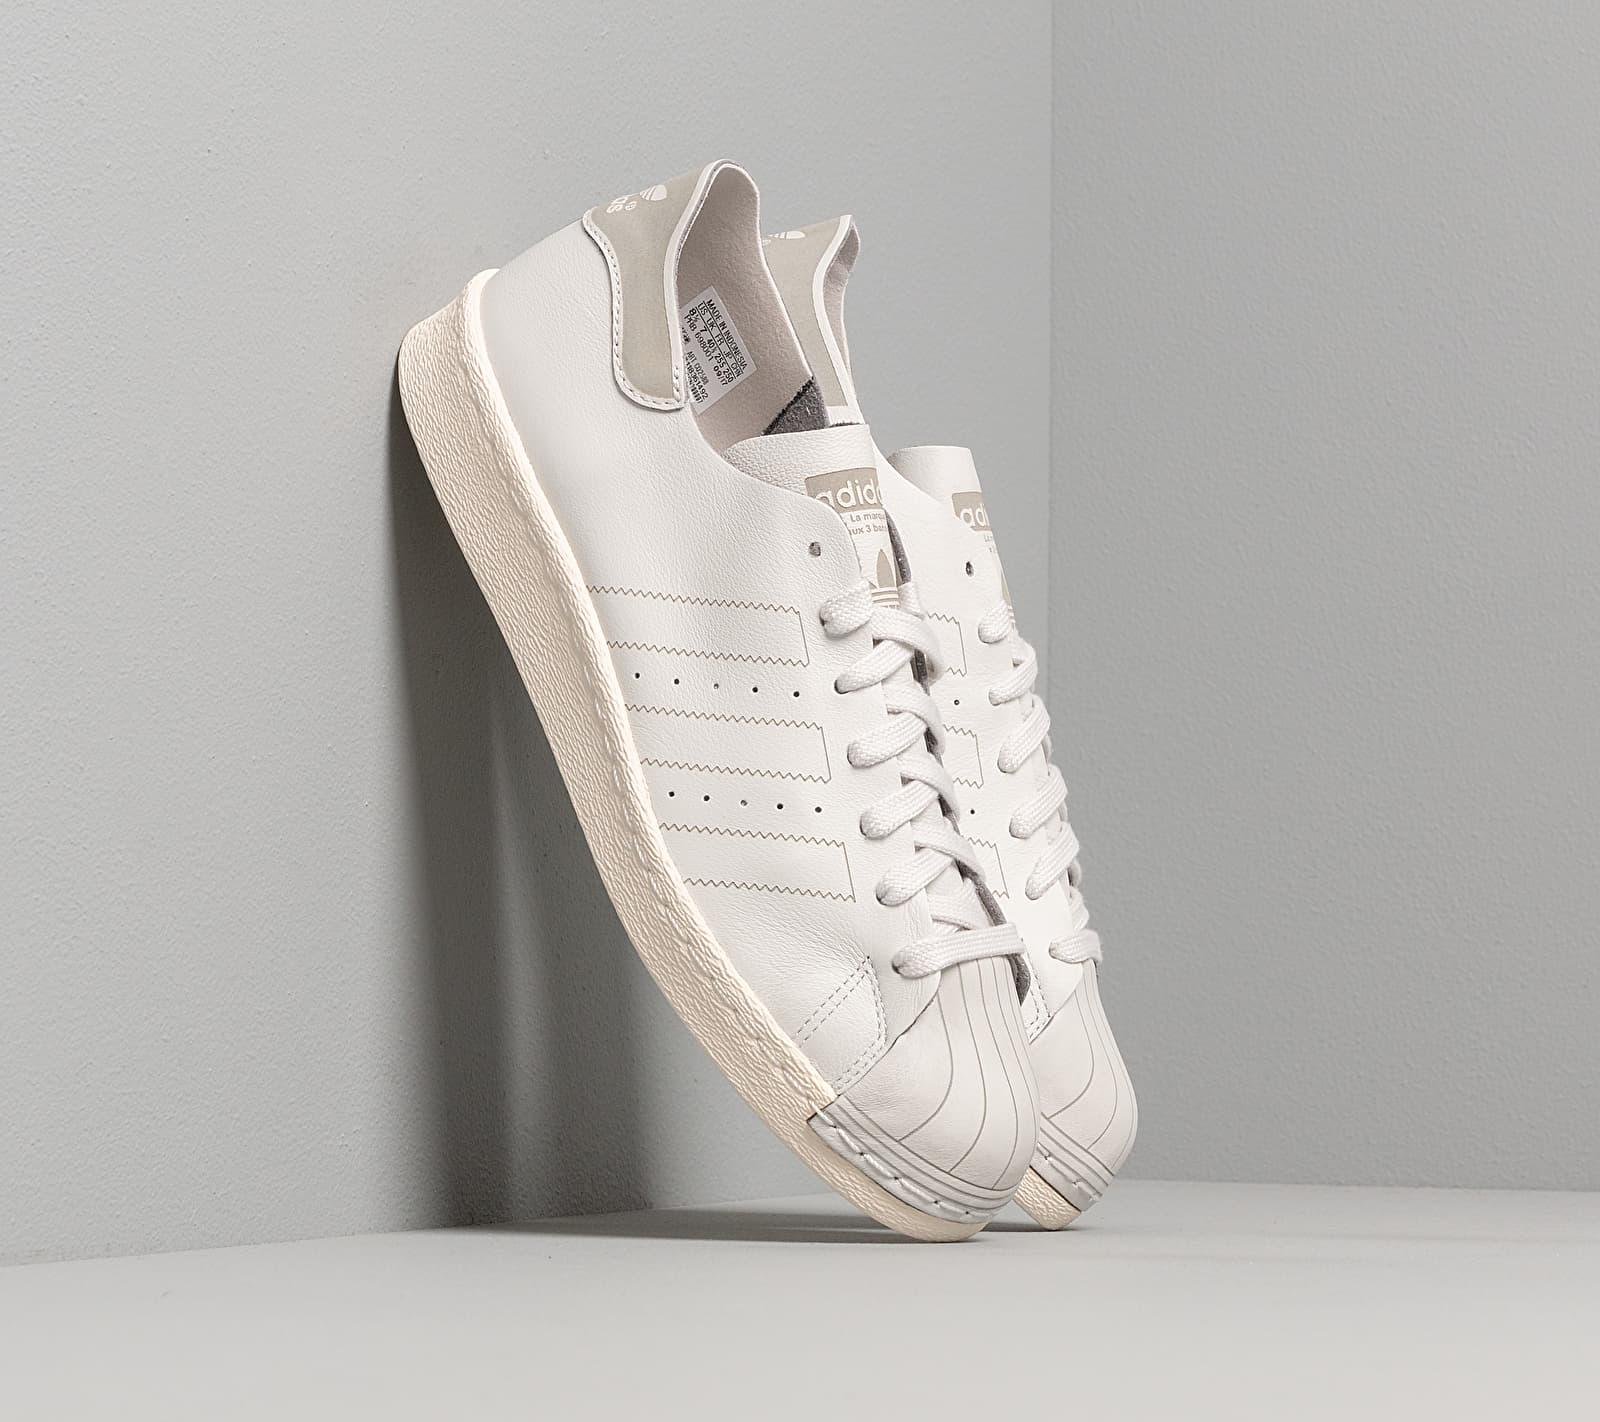 adidas Originals adidas Superstar 80s Decon W Grey One Grey One Off White